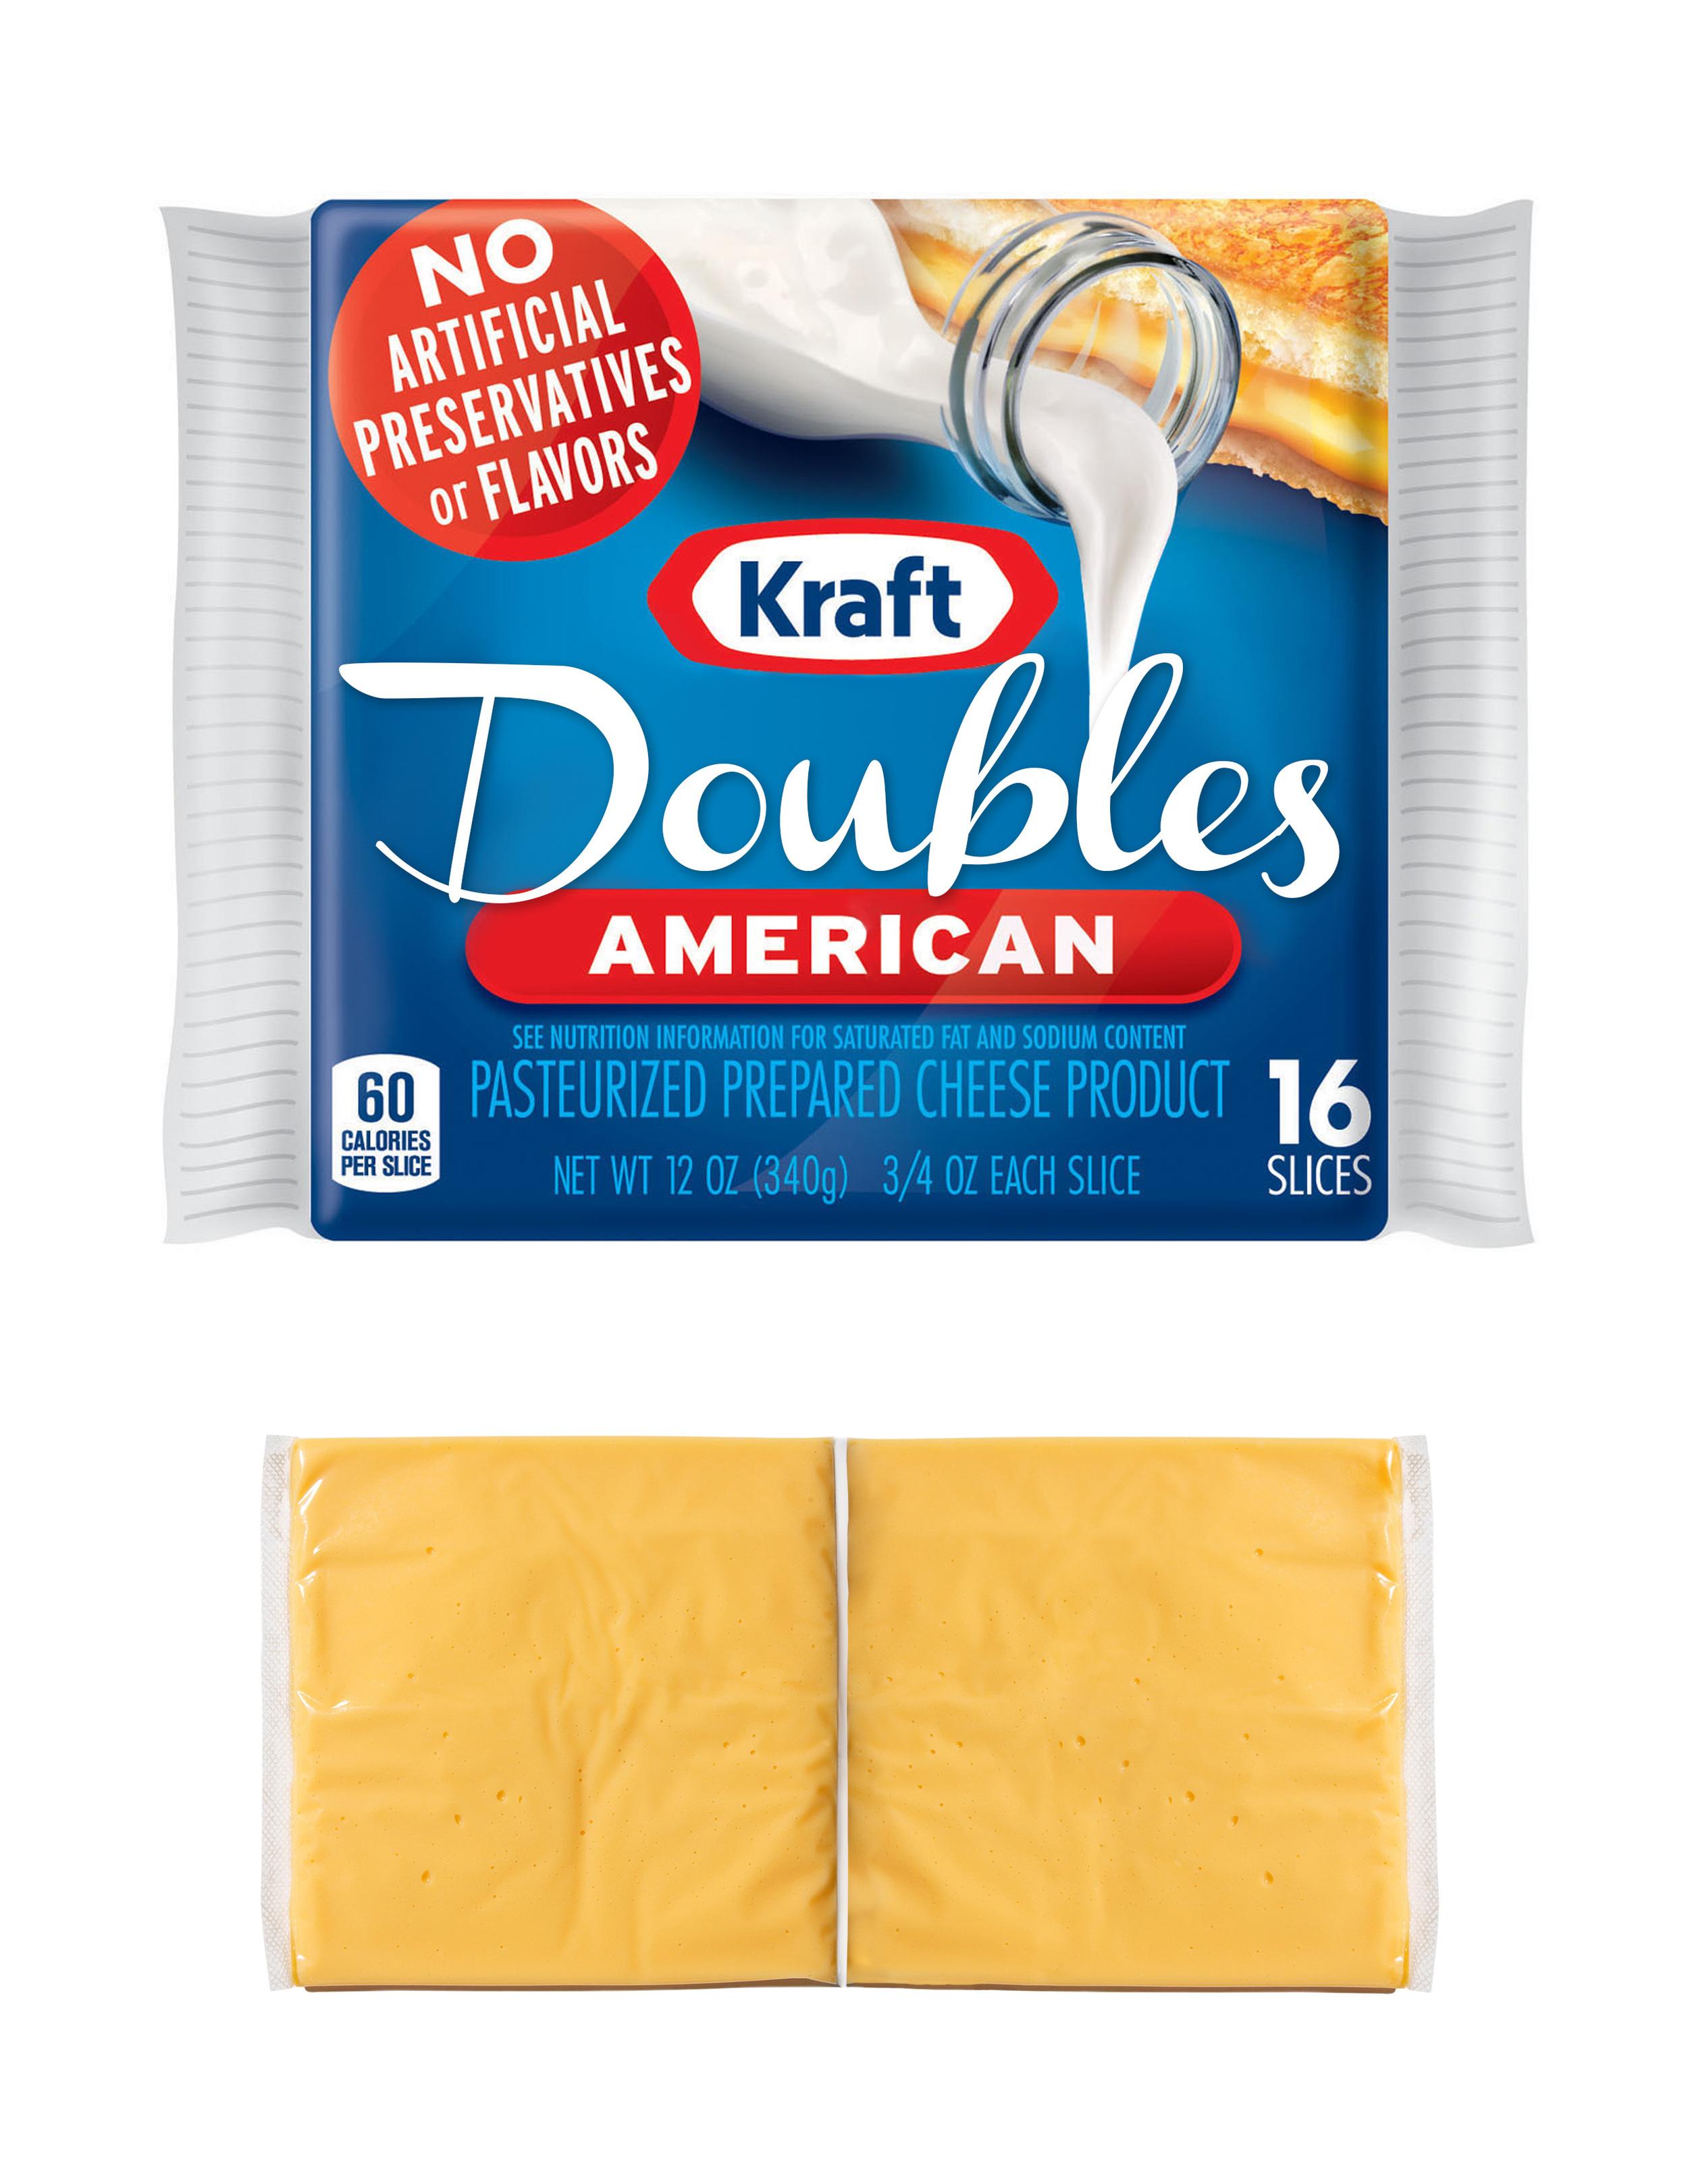 KraftPackagingWithSlices.jpg